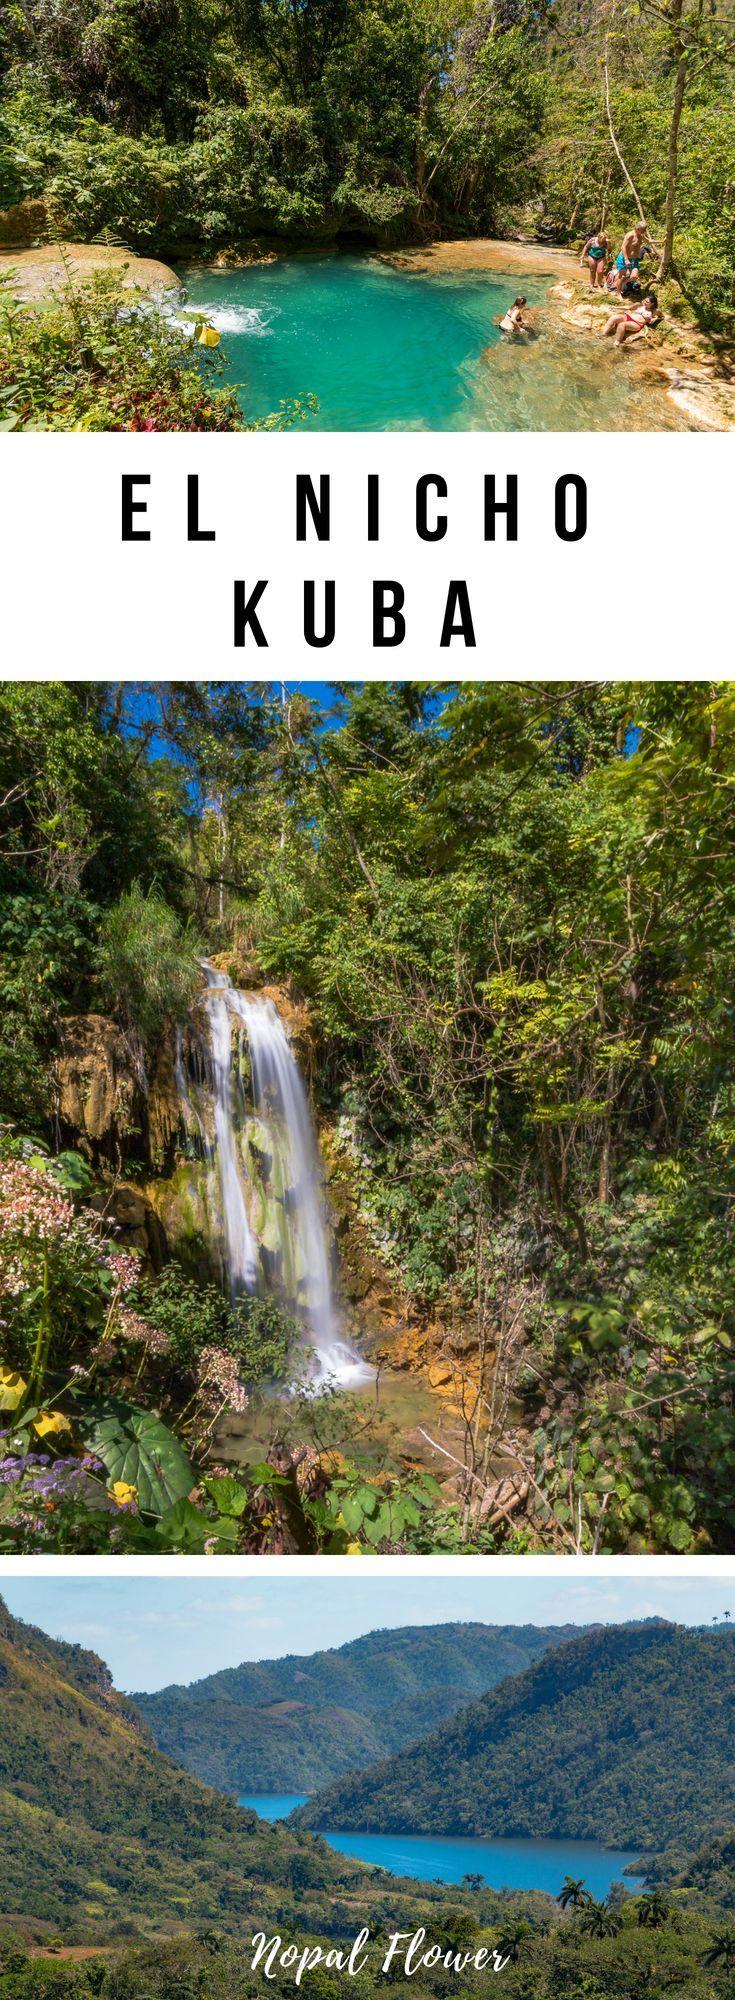 Cienfuegos Kuba: Sehenswürdigkeiten, Sightseeing, Casa Particular #travelnorthamerica